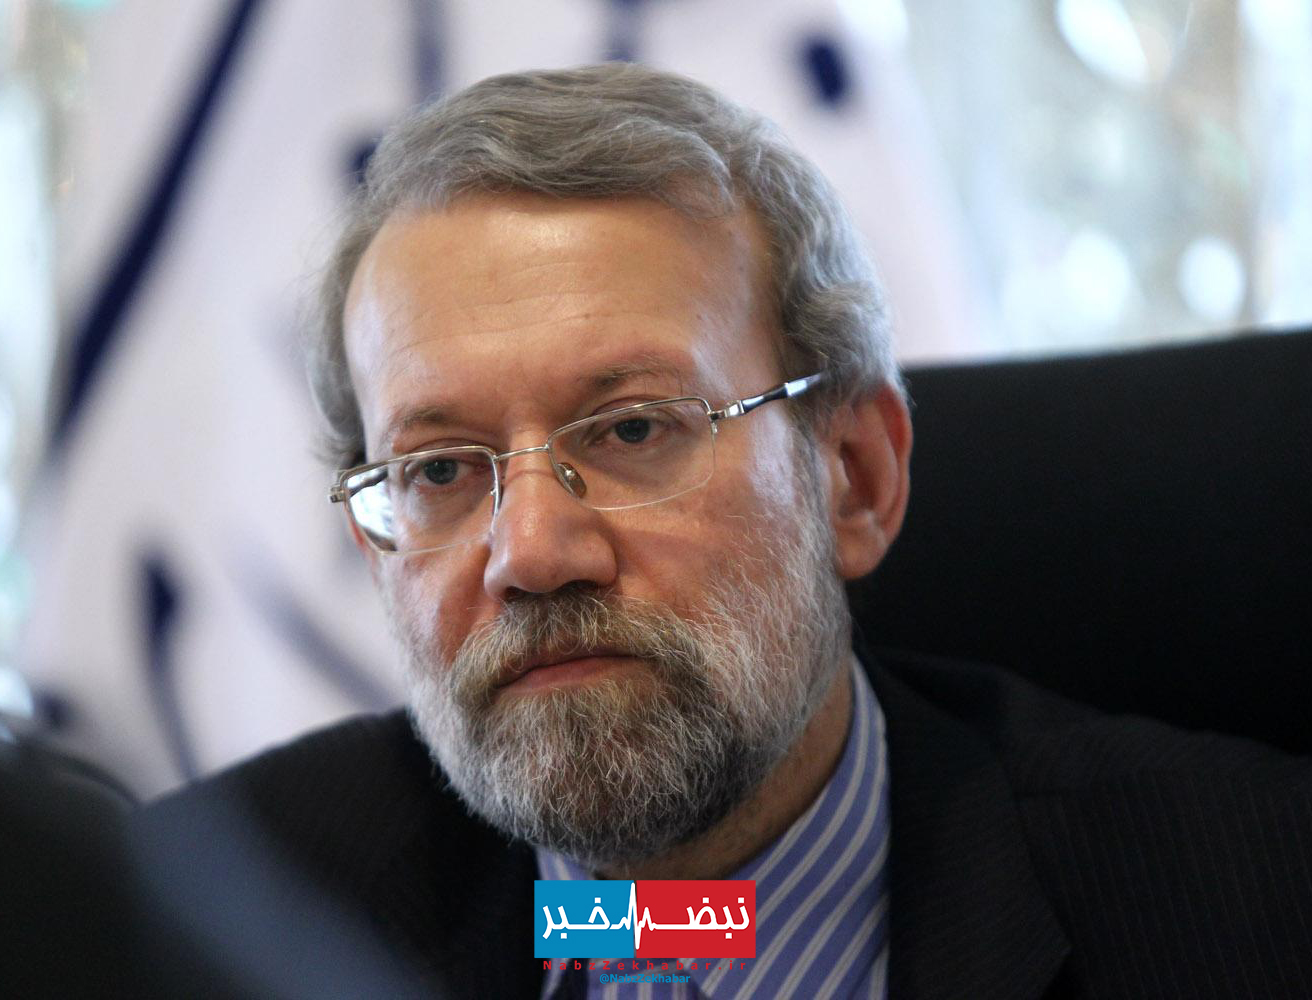 ترک بهارستان پس از ۱۲ سال / علی لاریجانی کاندیدای مجلس نمیشود